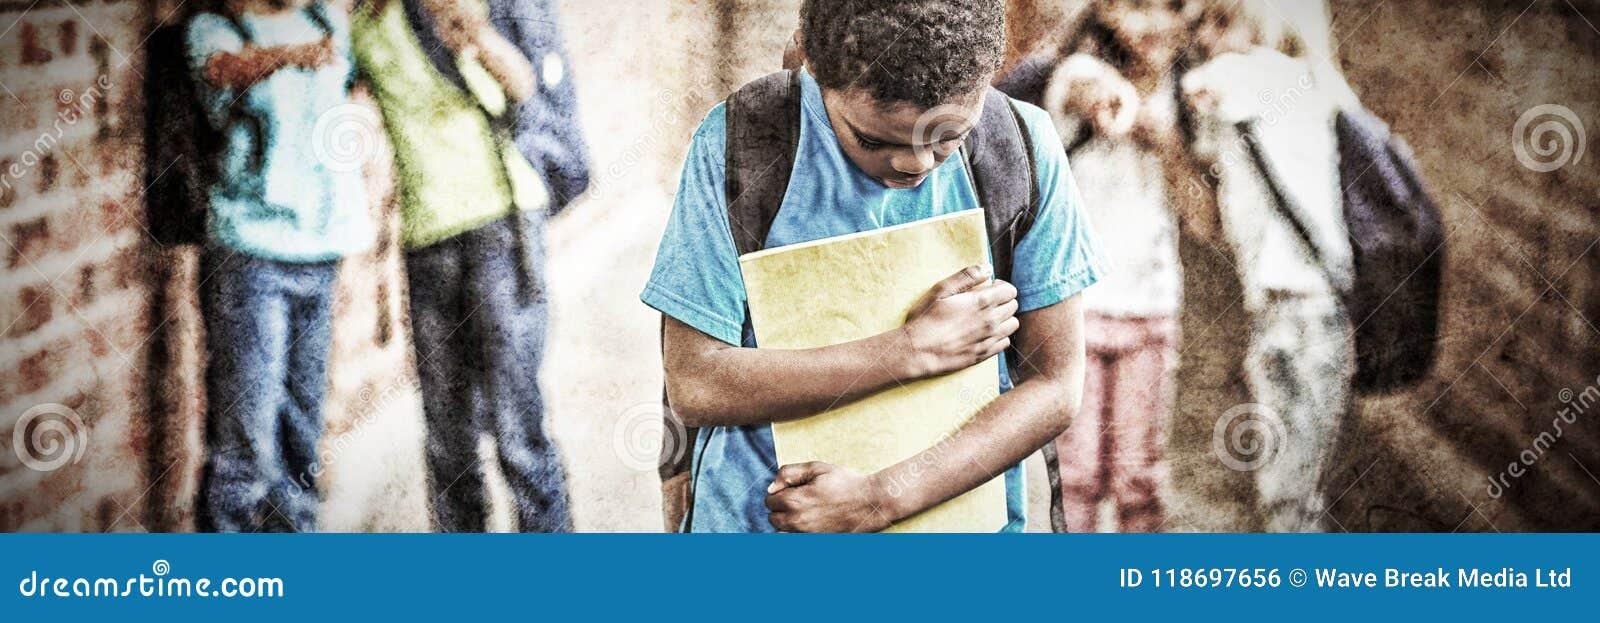 Ledsen elev som trakasseras av klasskompisar på korridoren